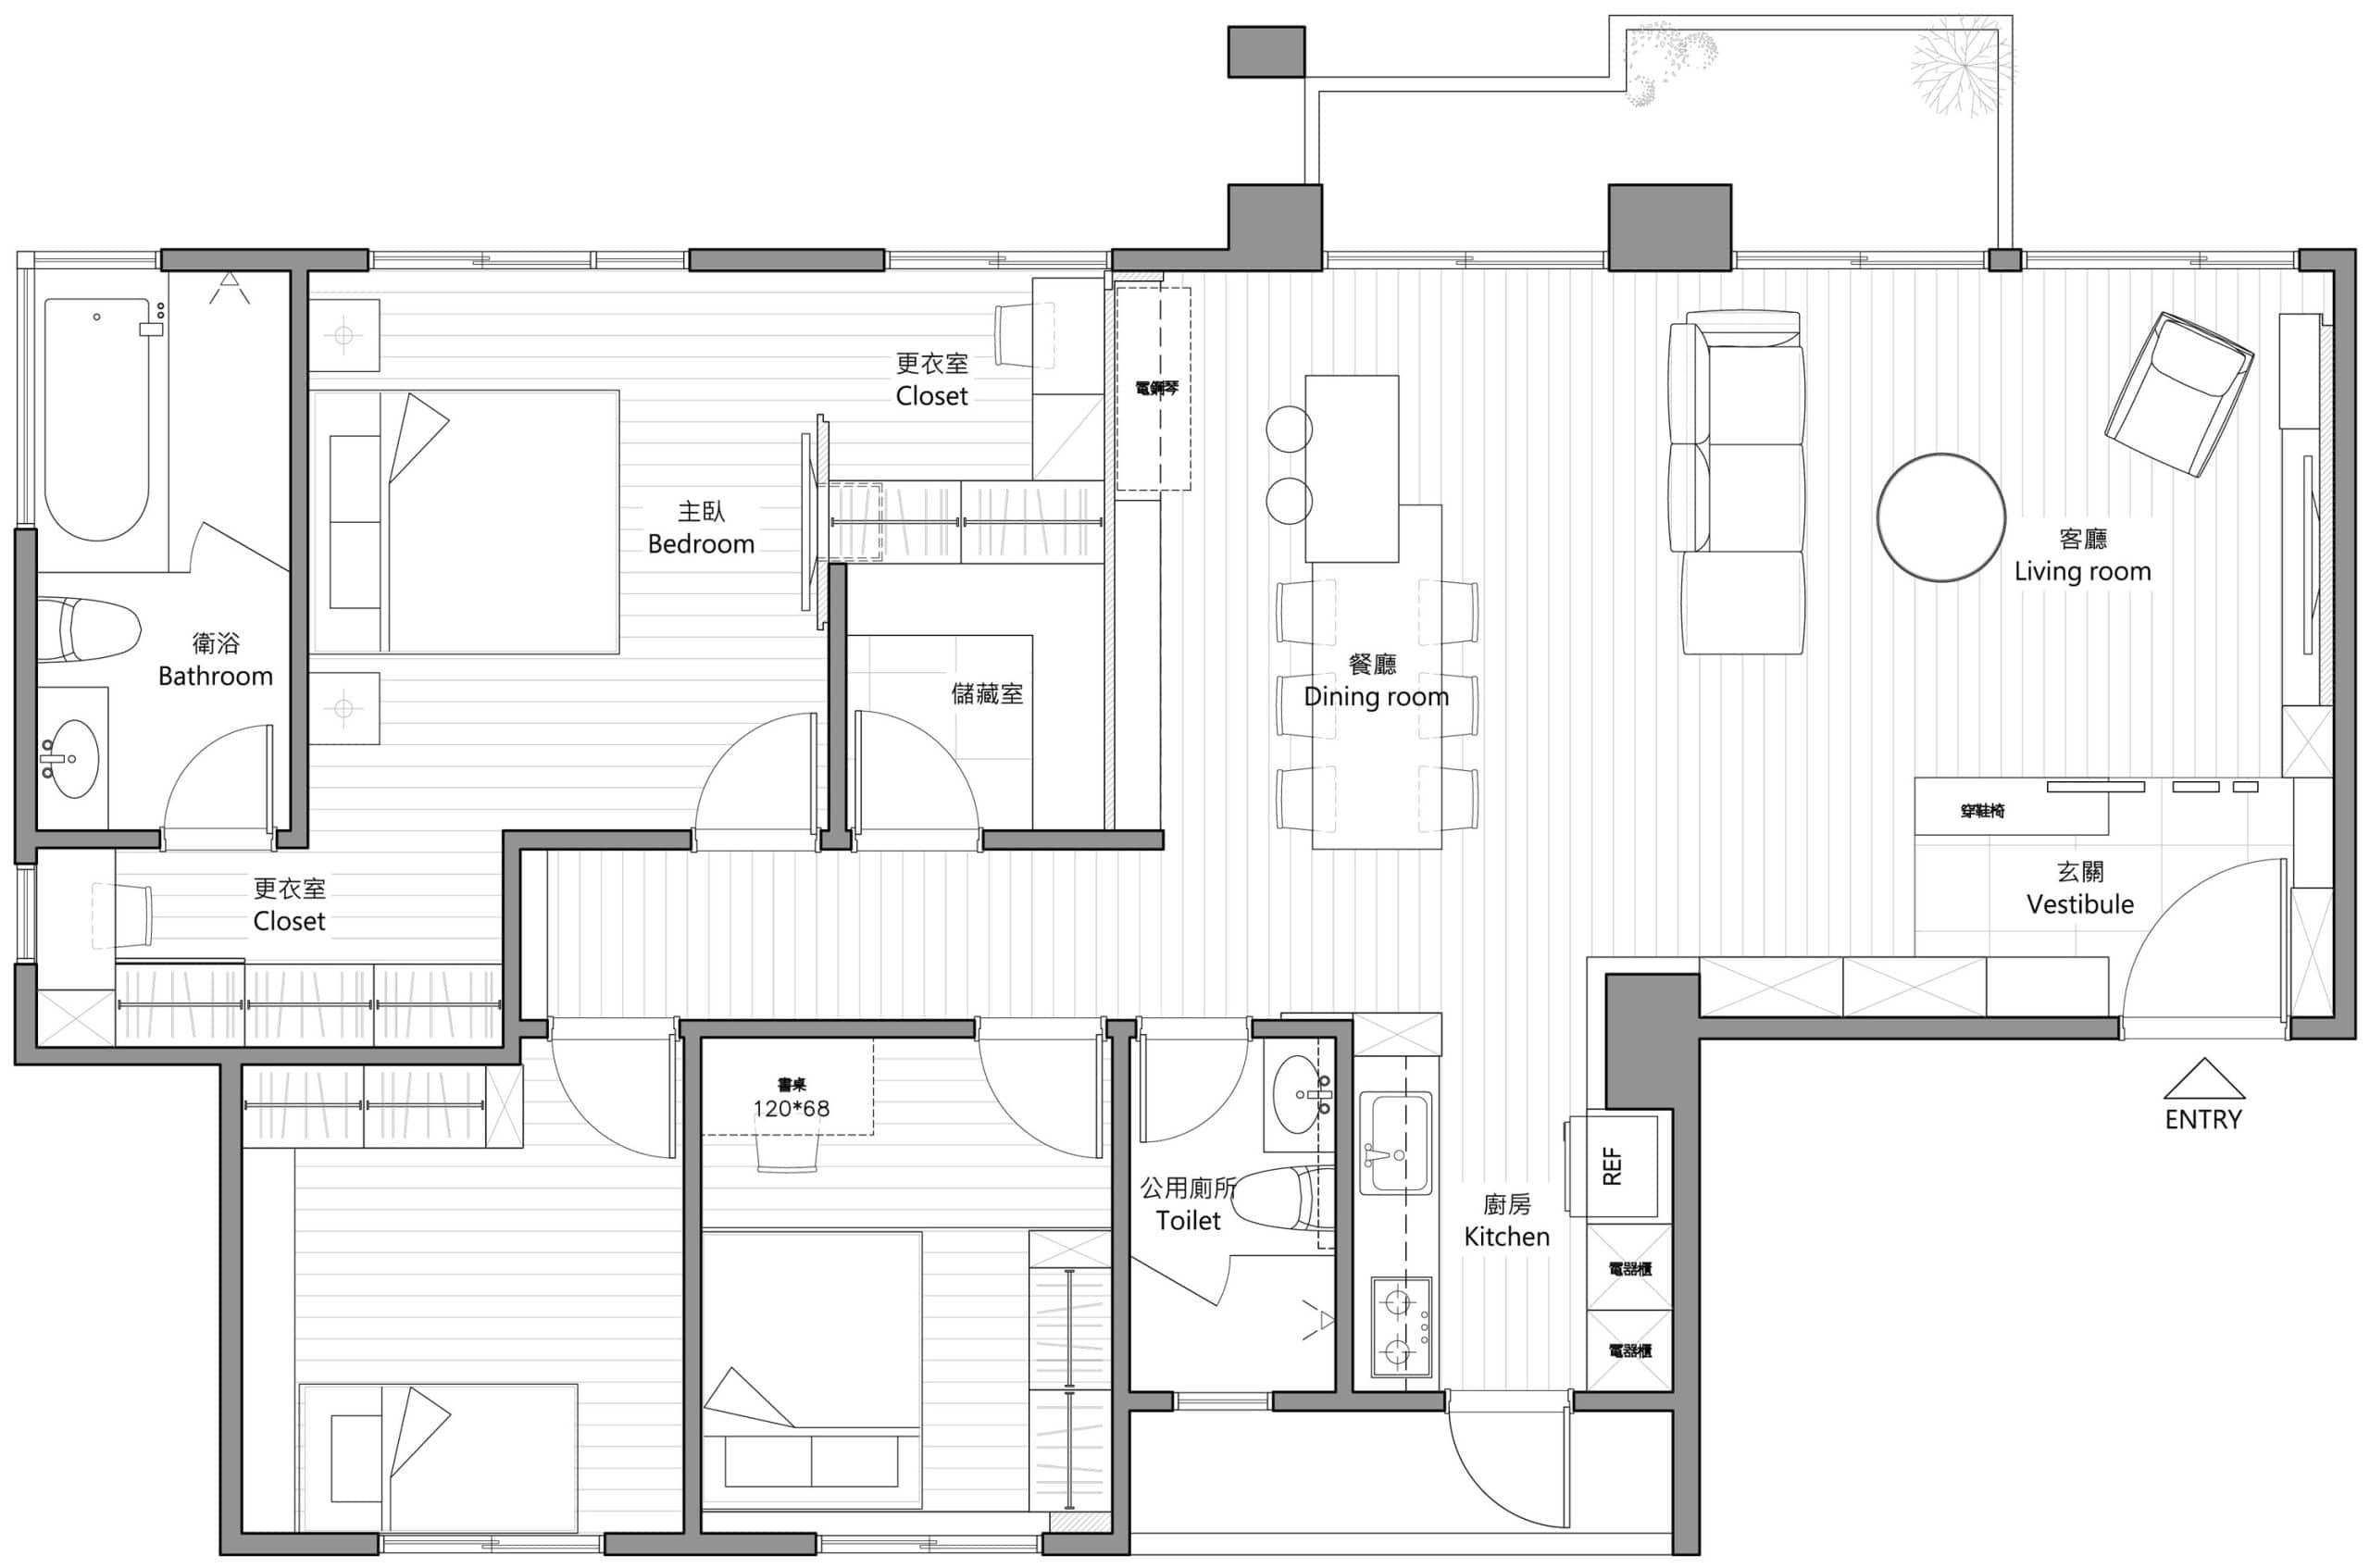 Plano y dise o de interiores departamento construye hogar for Planos y diseno de muebles